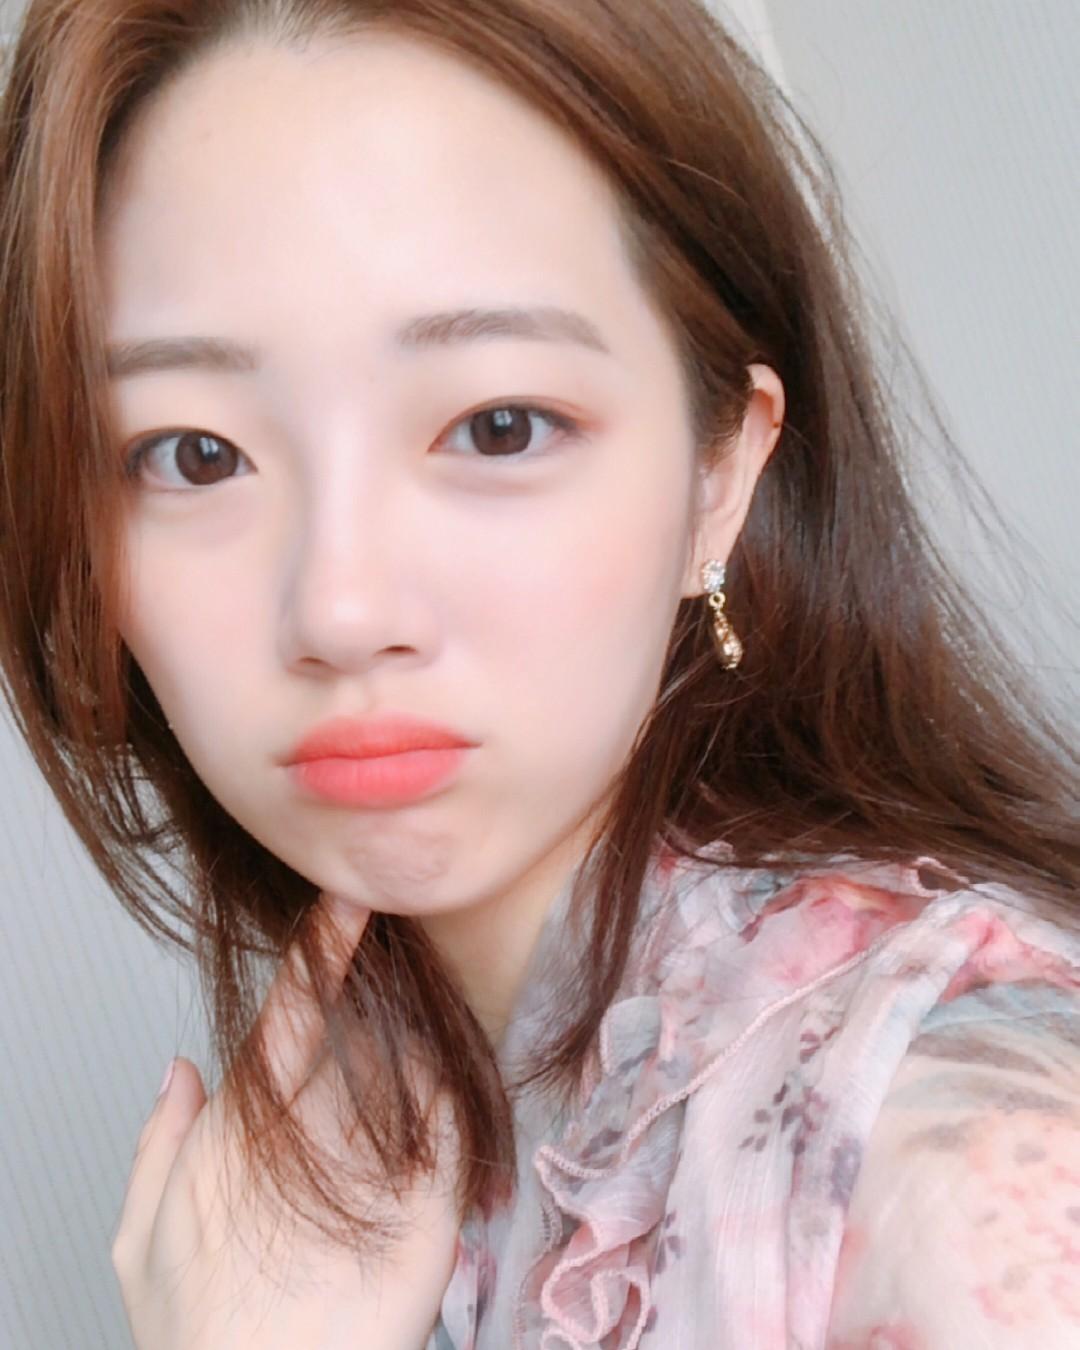 Màu tóc cơ bản đang được sao Hàn để nhiều nhất cũng chính là màu nhuộm hoàn hảo của mùa thu, nàng nào thử cũng sẽ xinh - Ảnh 6.